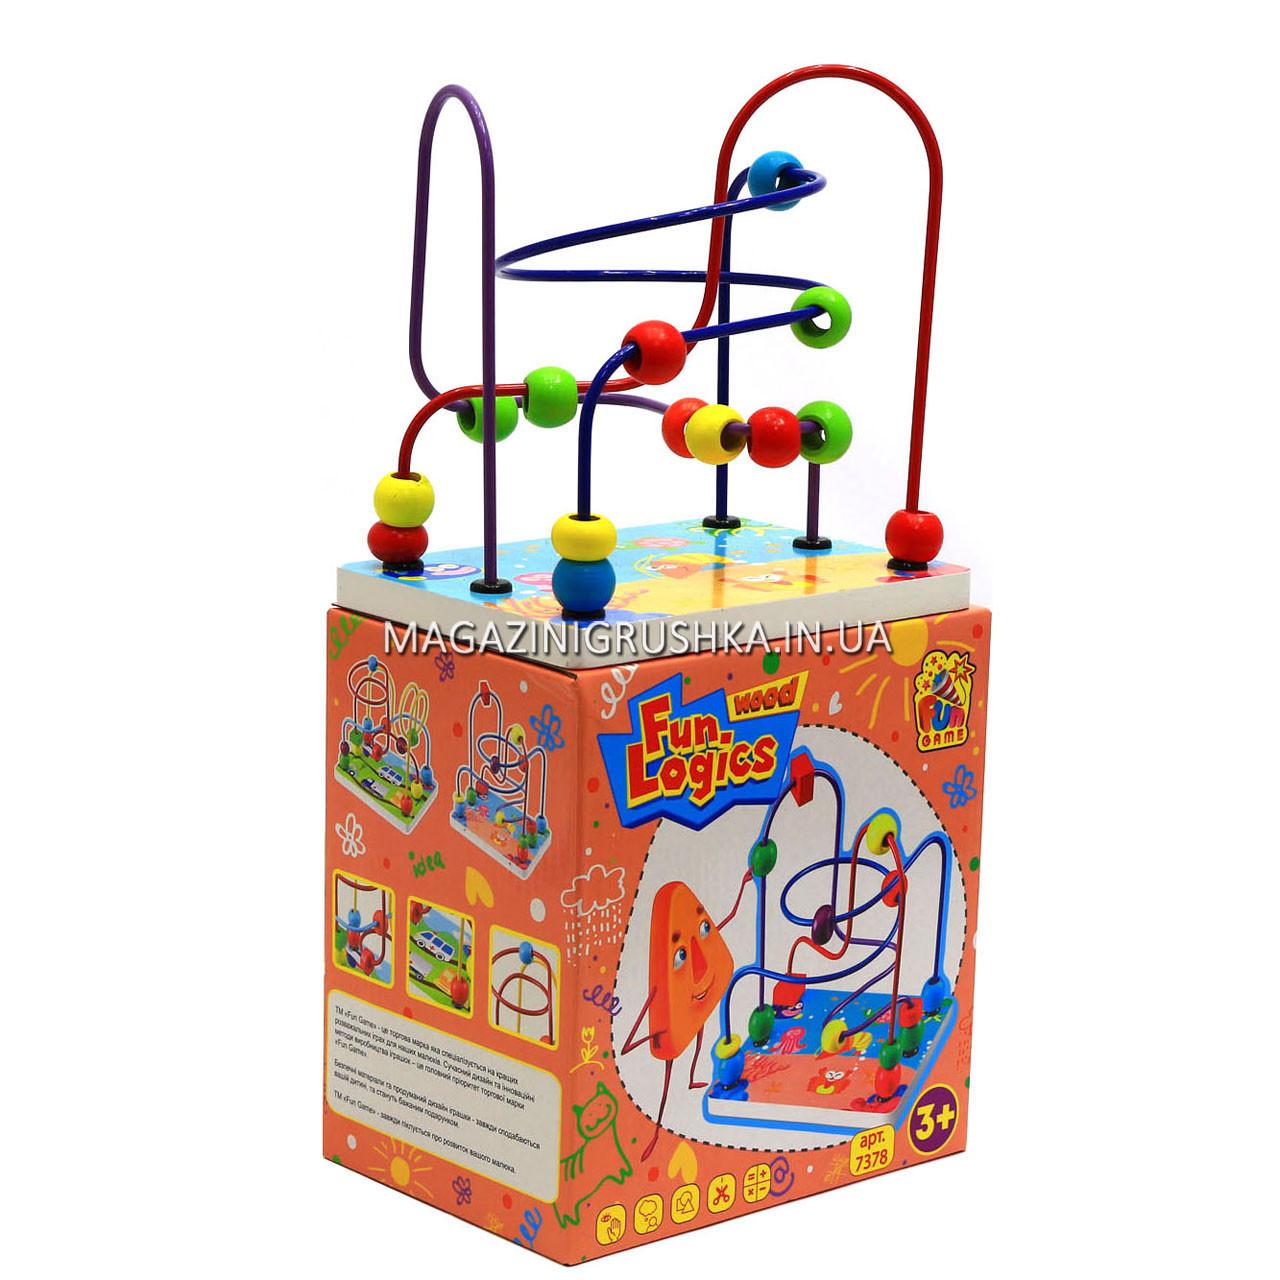 Розвиваюча іграшка для дітей Fun logics «Лабіринт» 7378